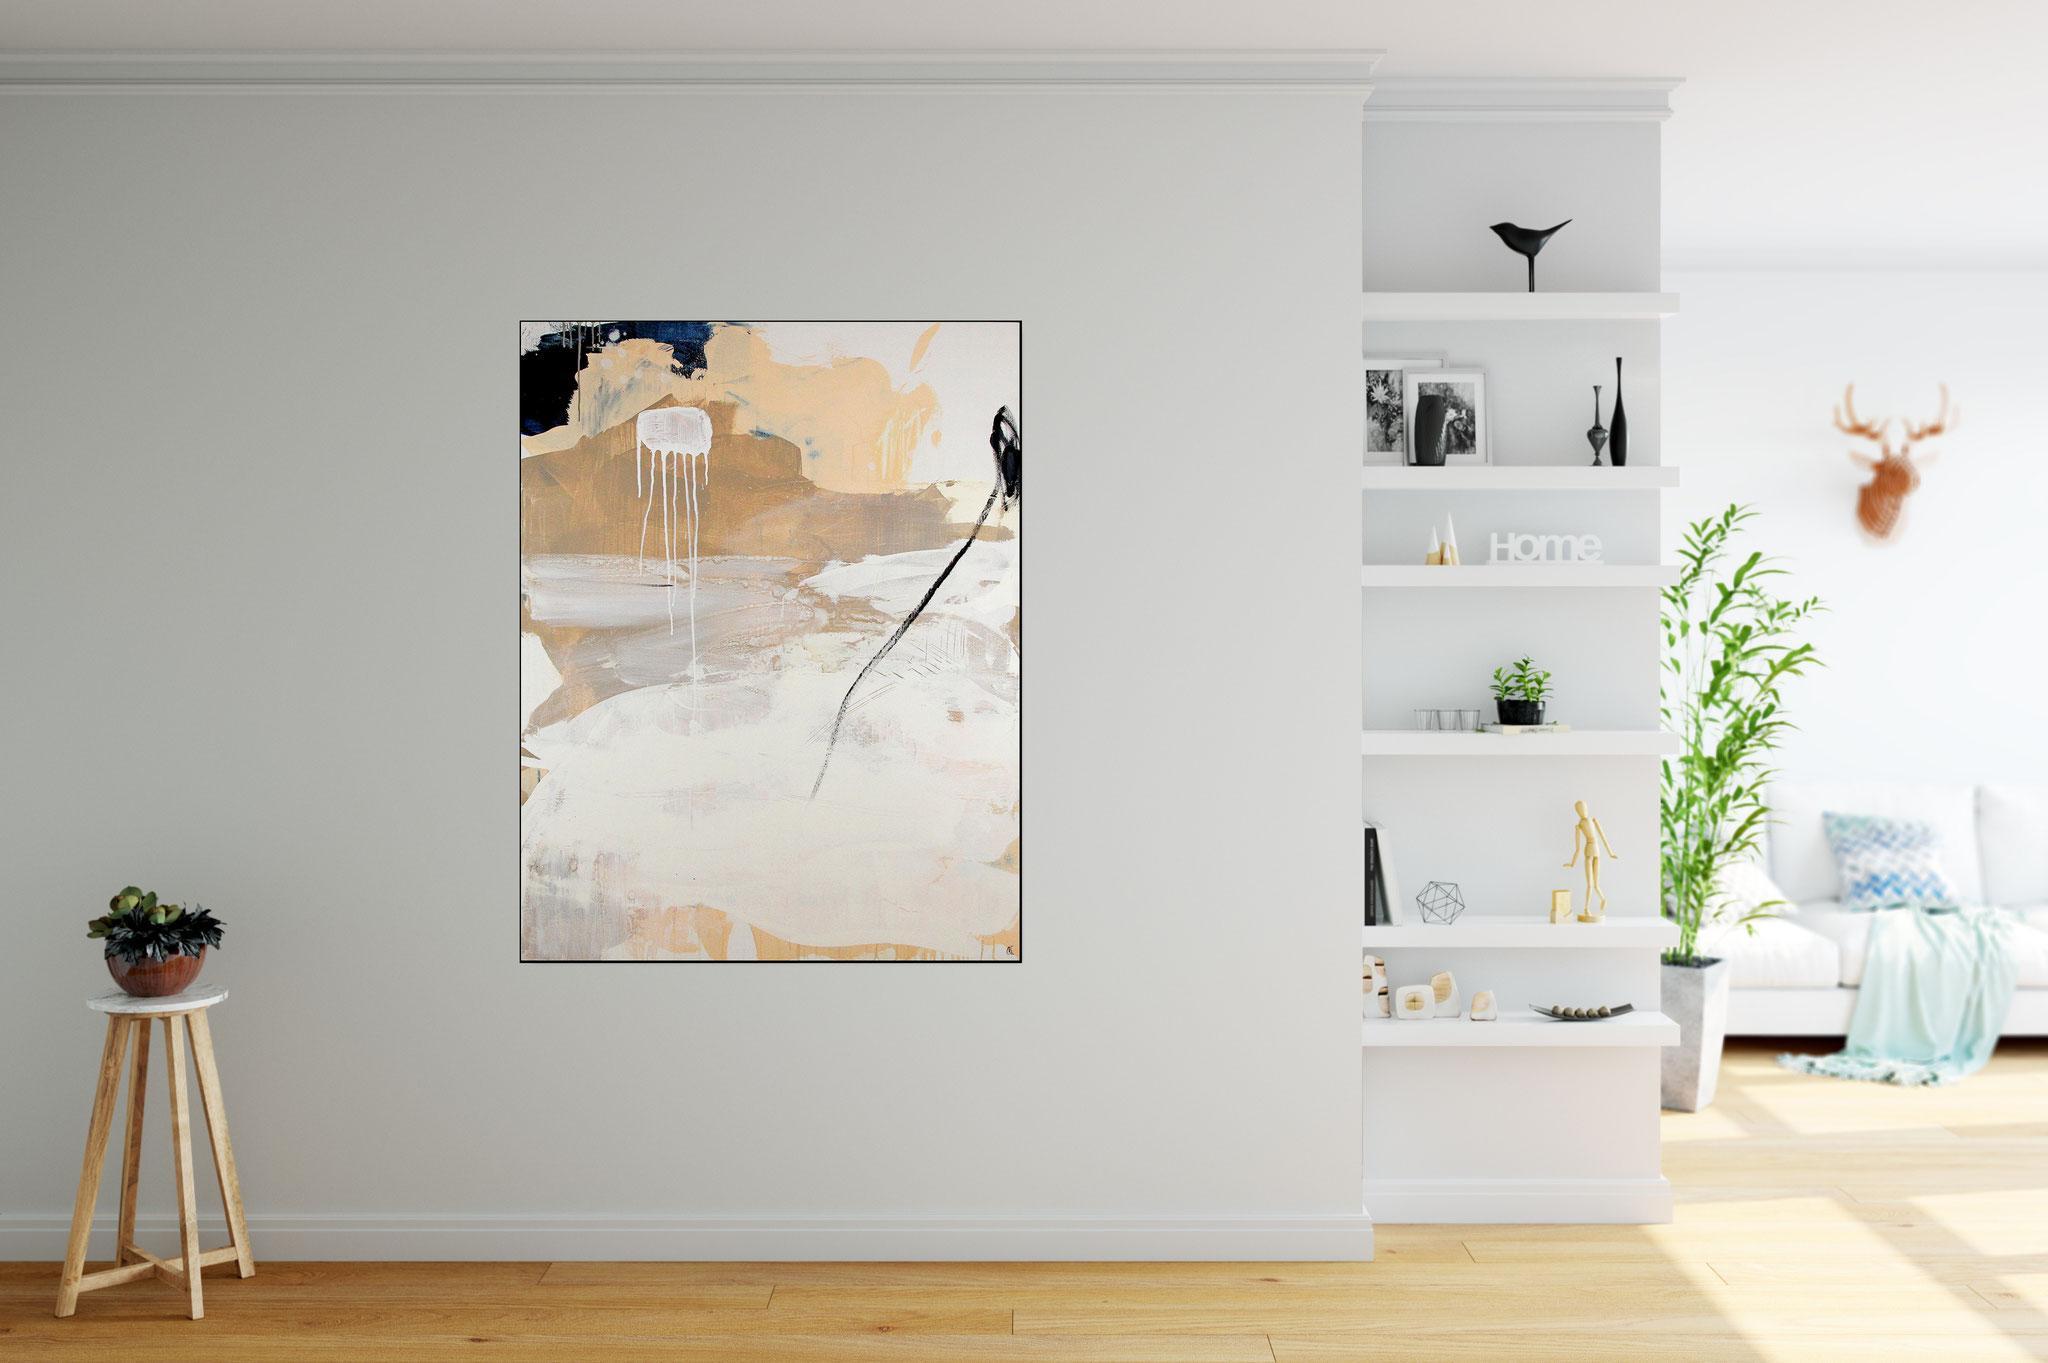 abstraktesweisses Bild im Raum